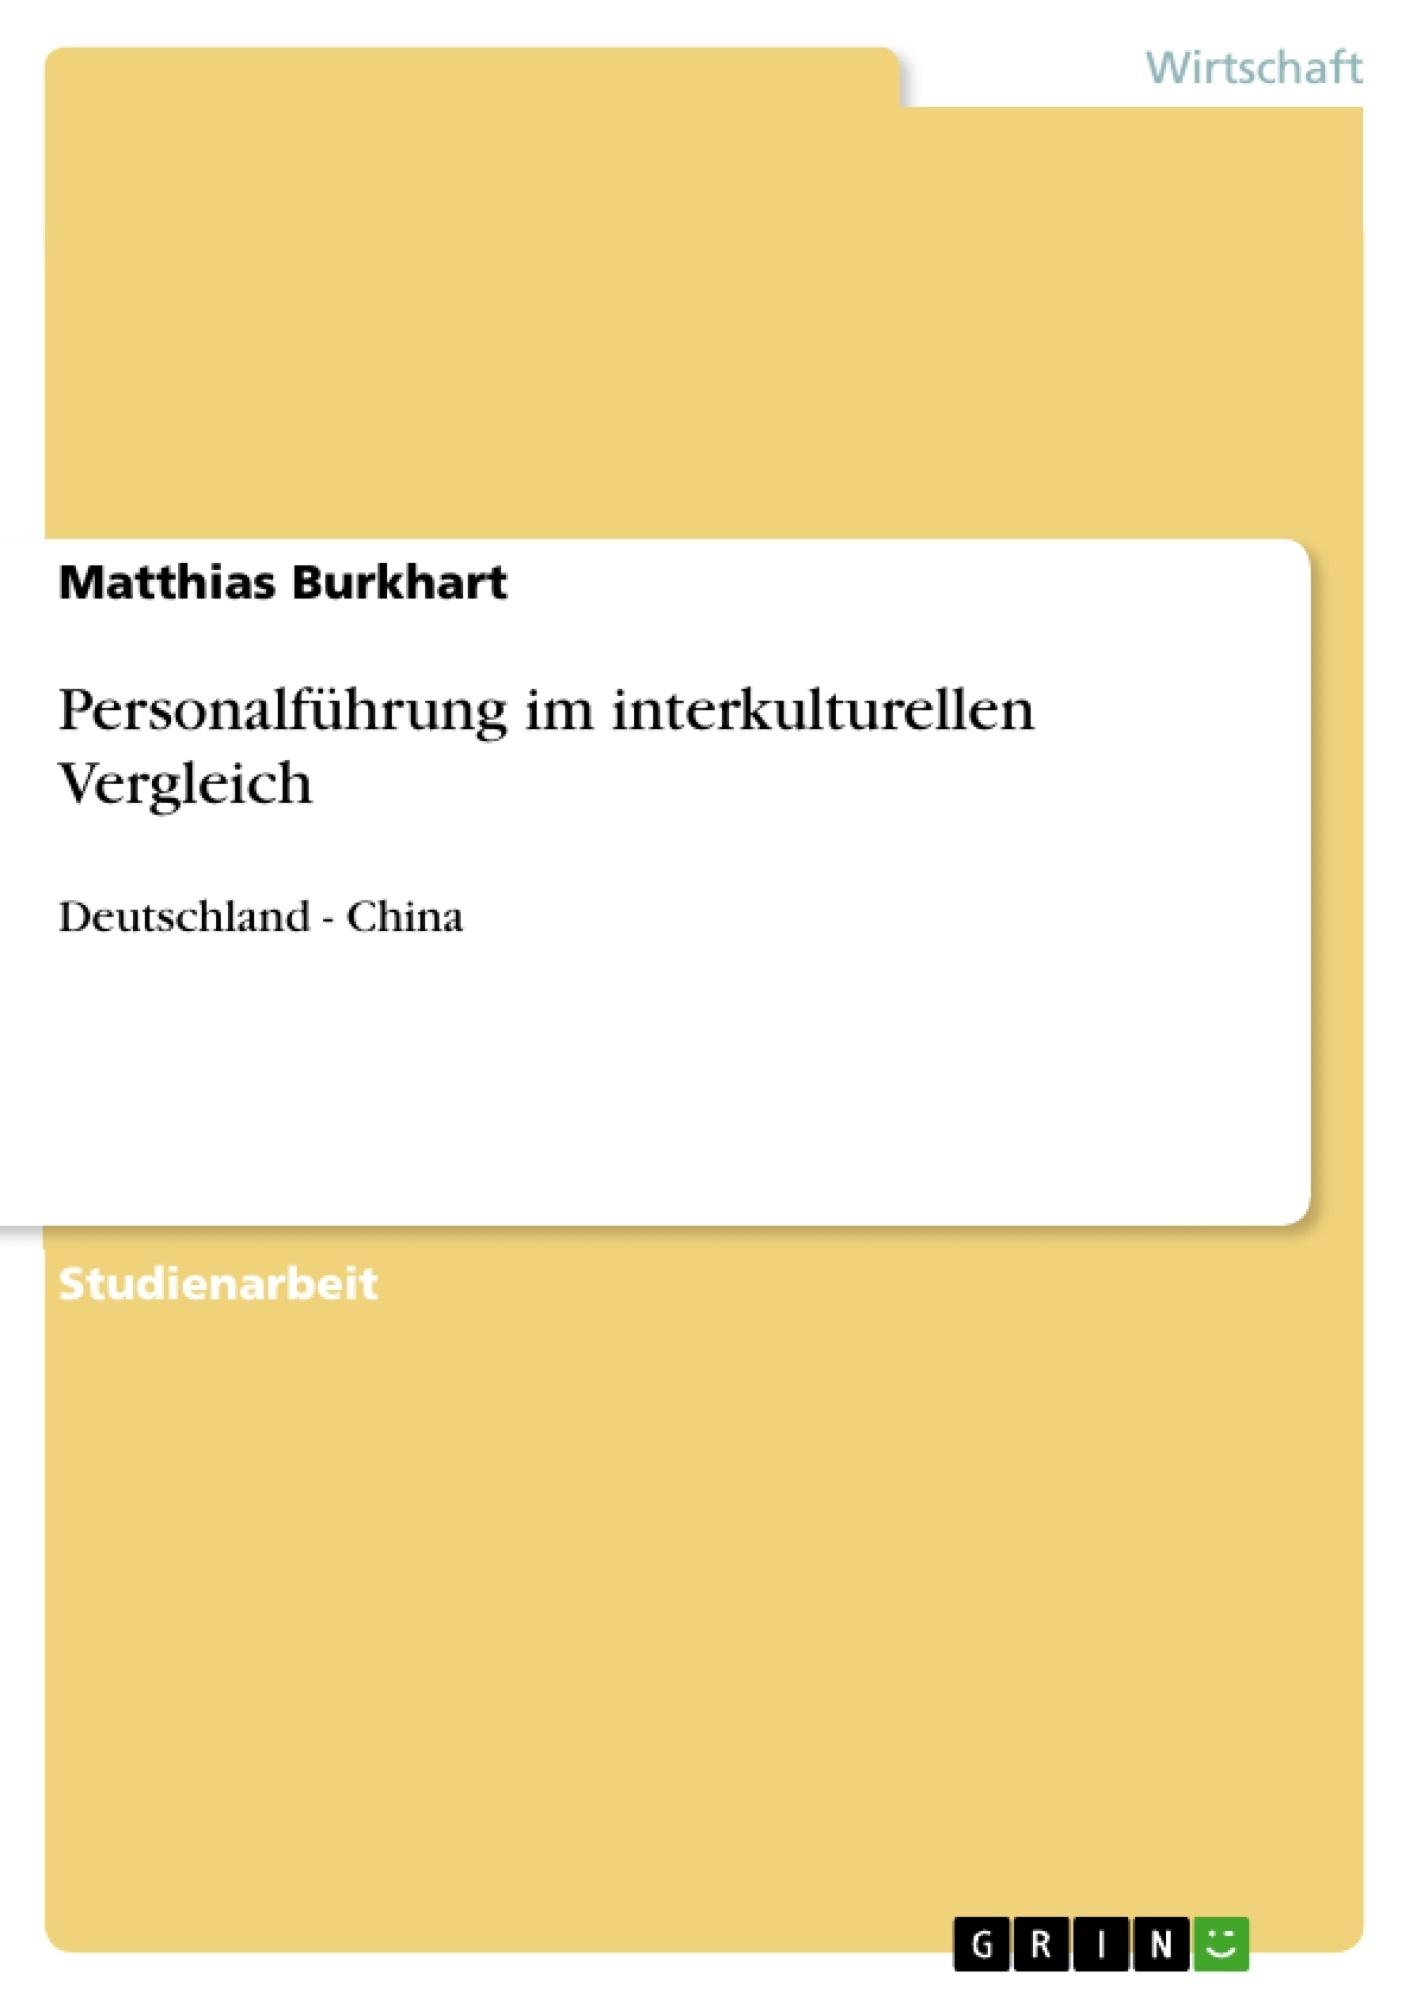 Titel: Personalführung im interkulturellen Vergleich